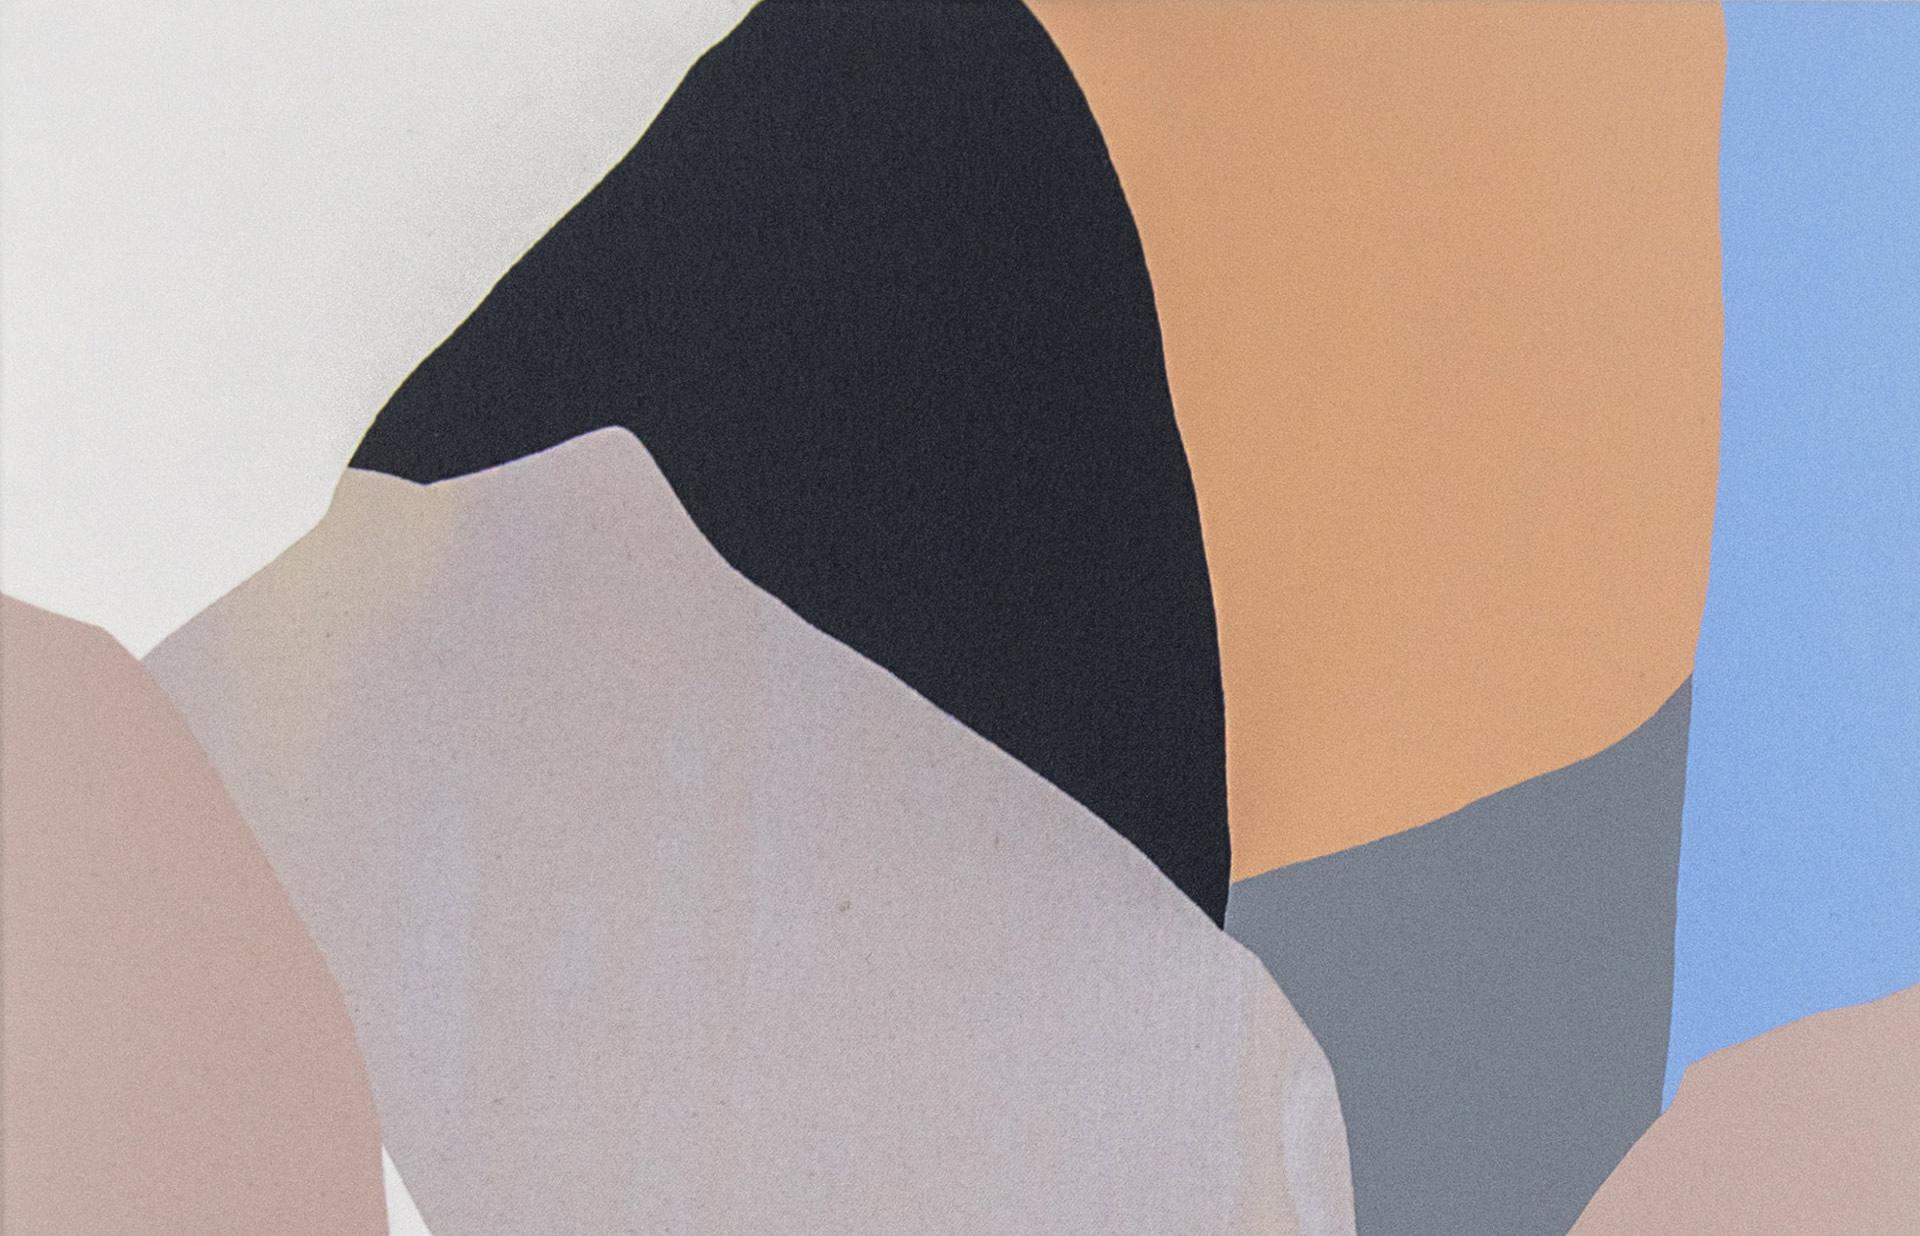 Lesley-Anderson-DreamWalk-20x16-Online-Art-Galleries-1236